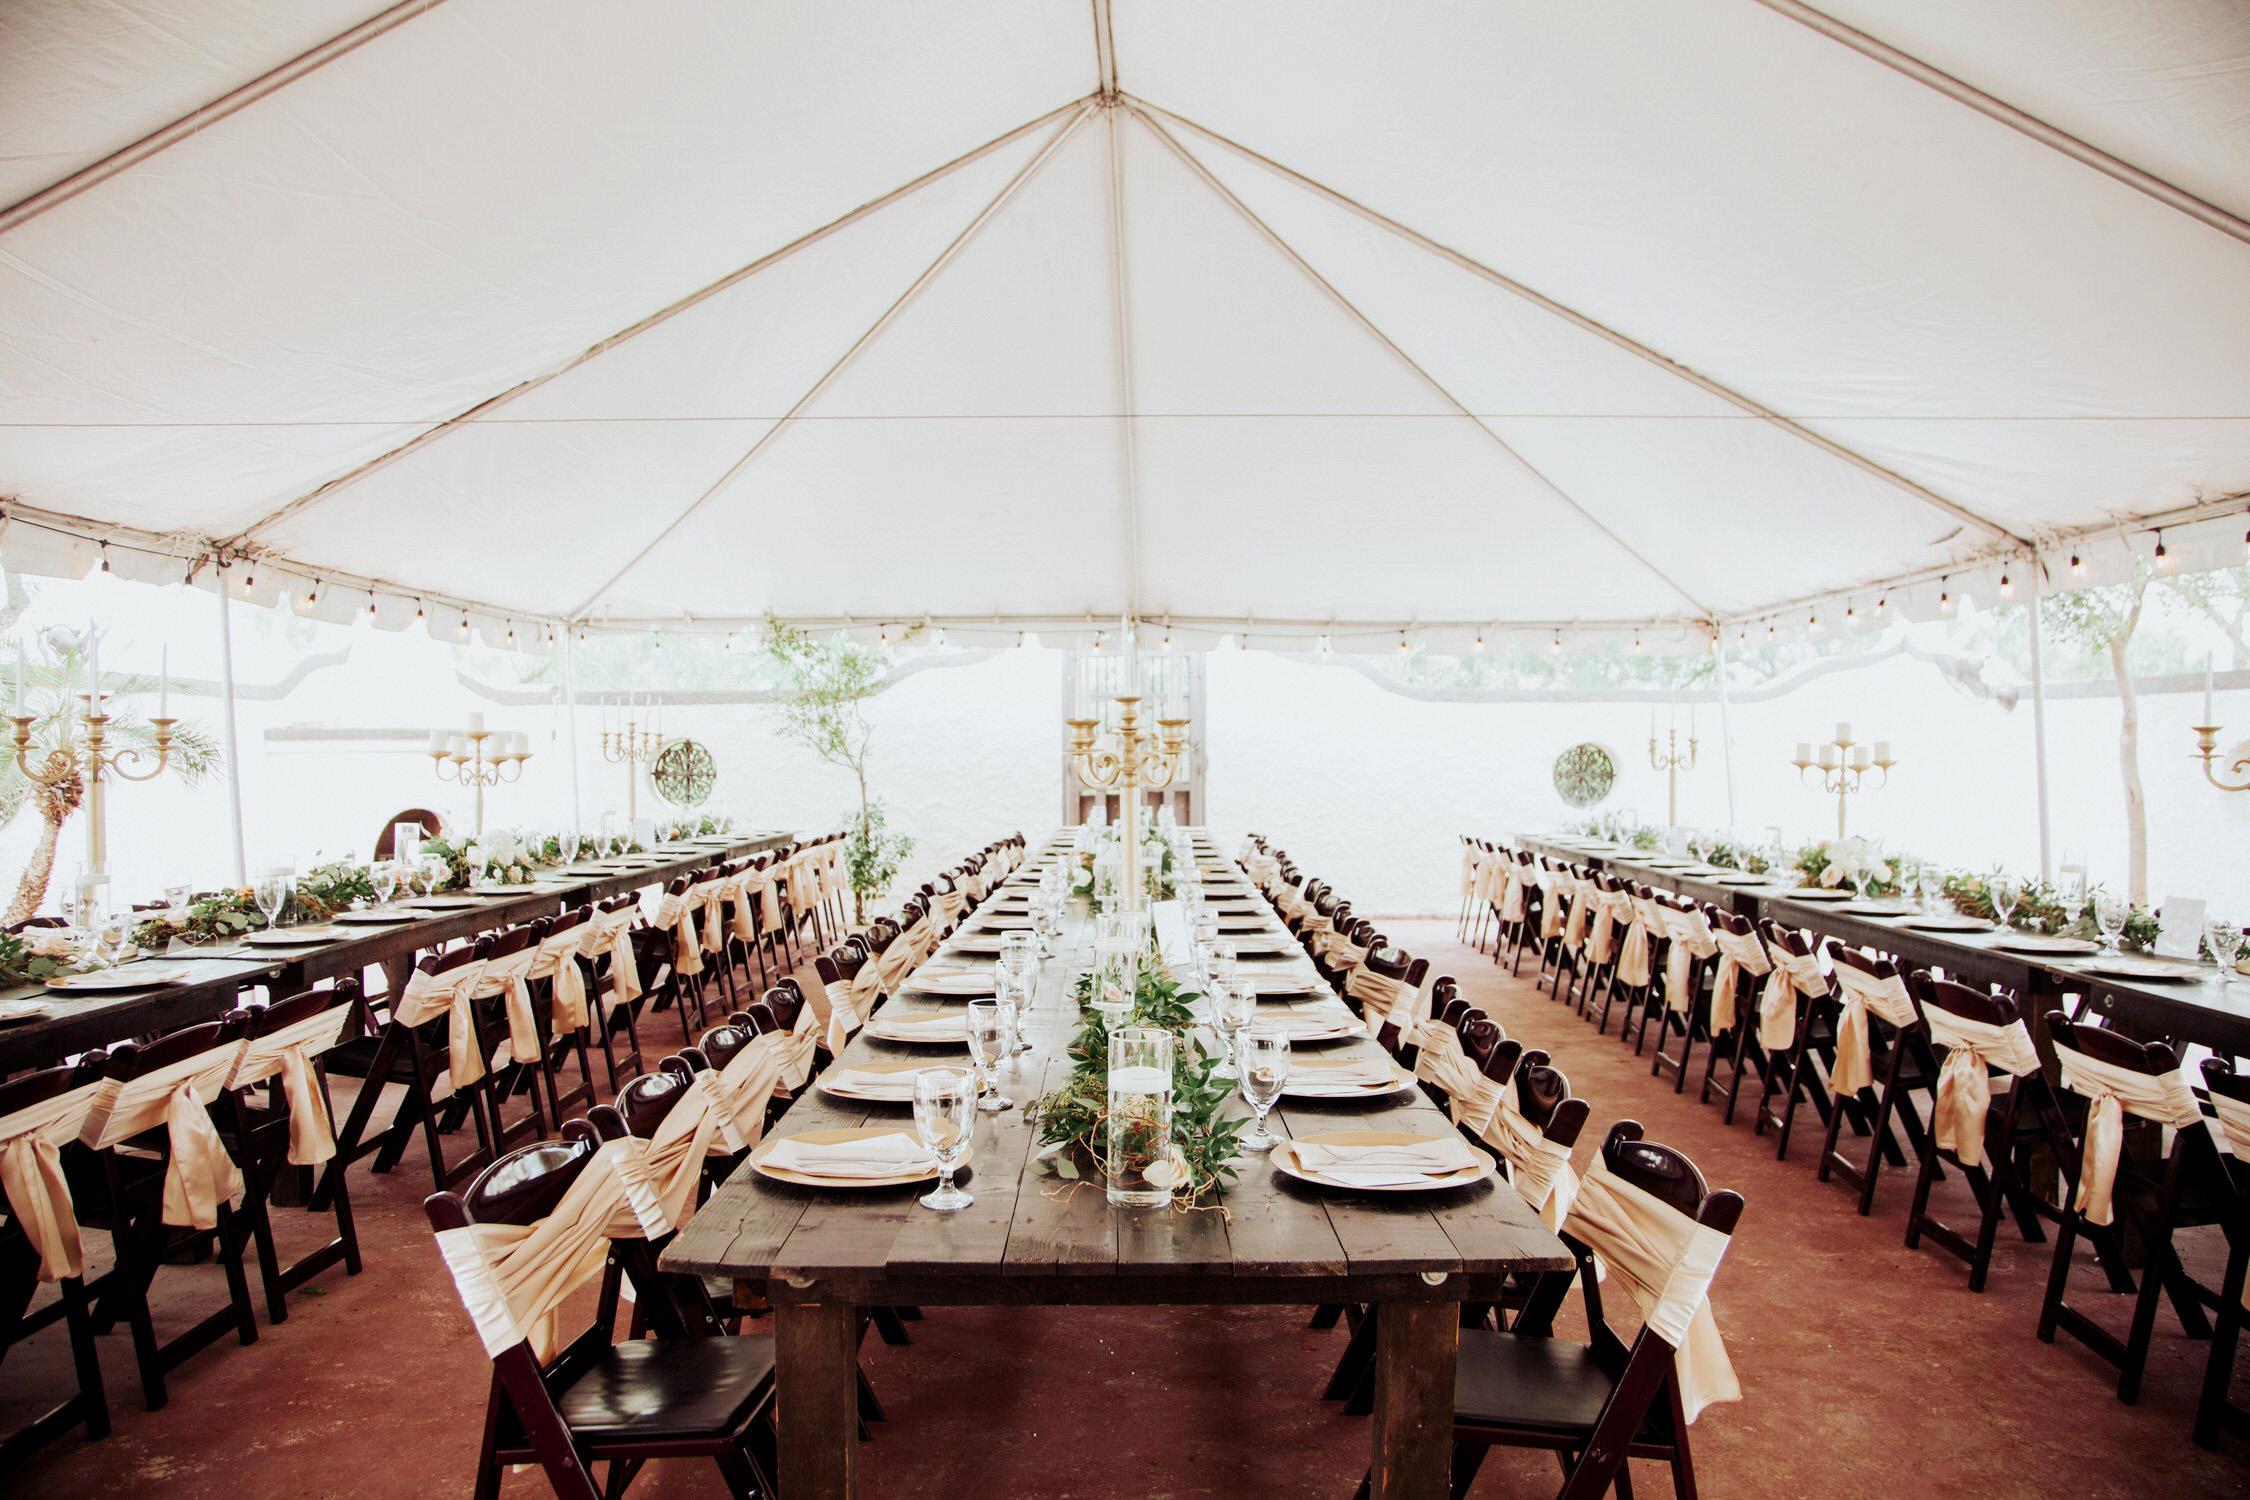 capilla weddings in mcallen